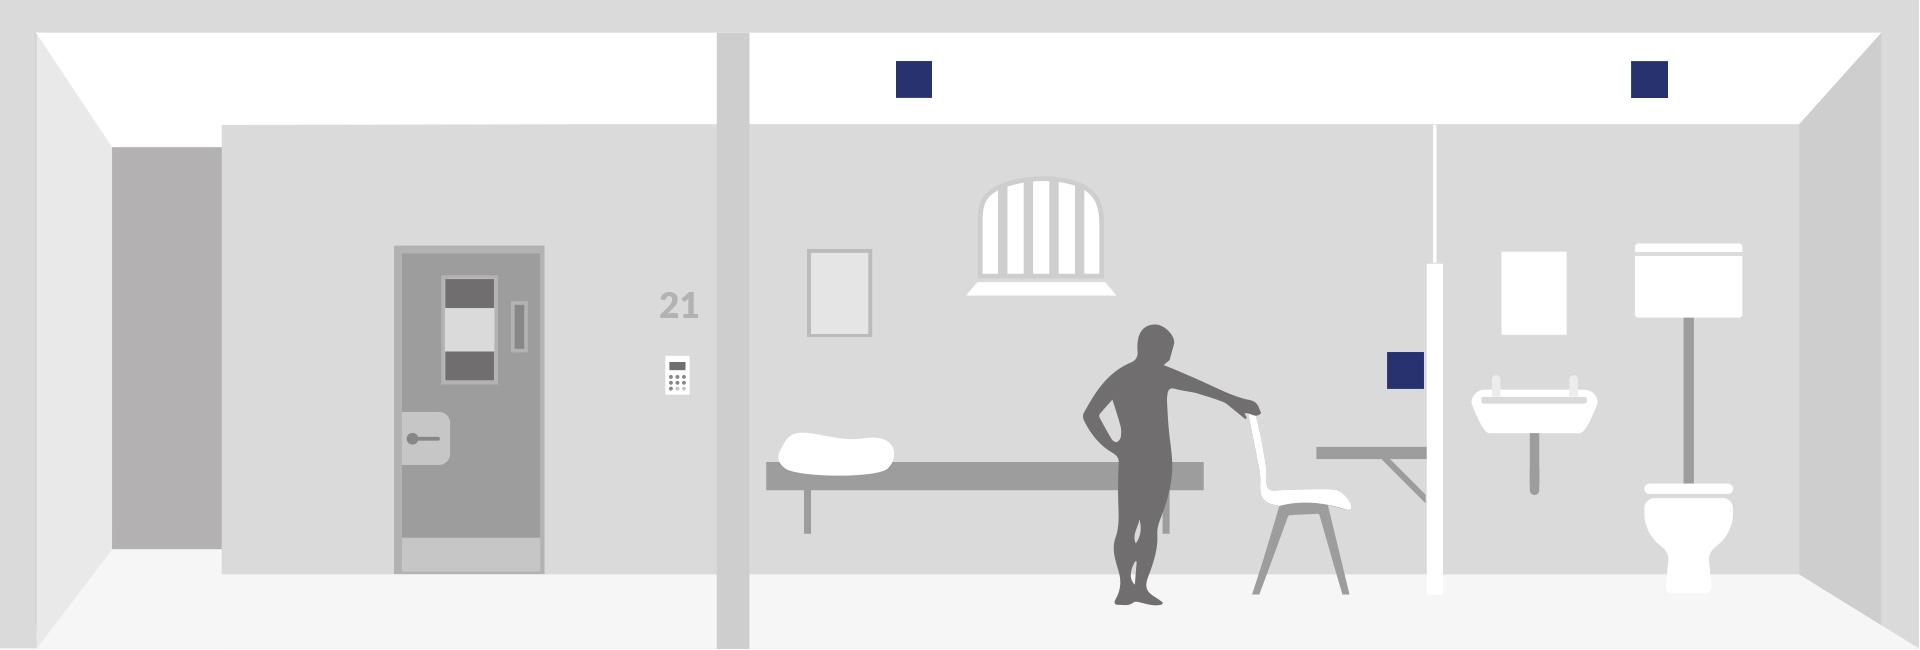 Leuchten für Standard Hafträume Zellen